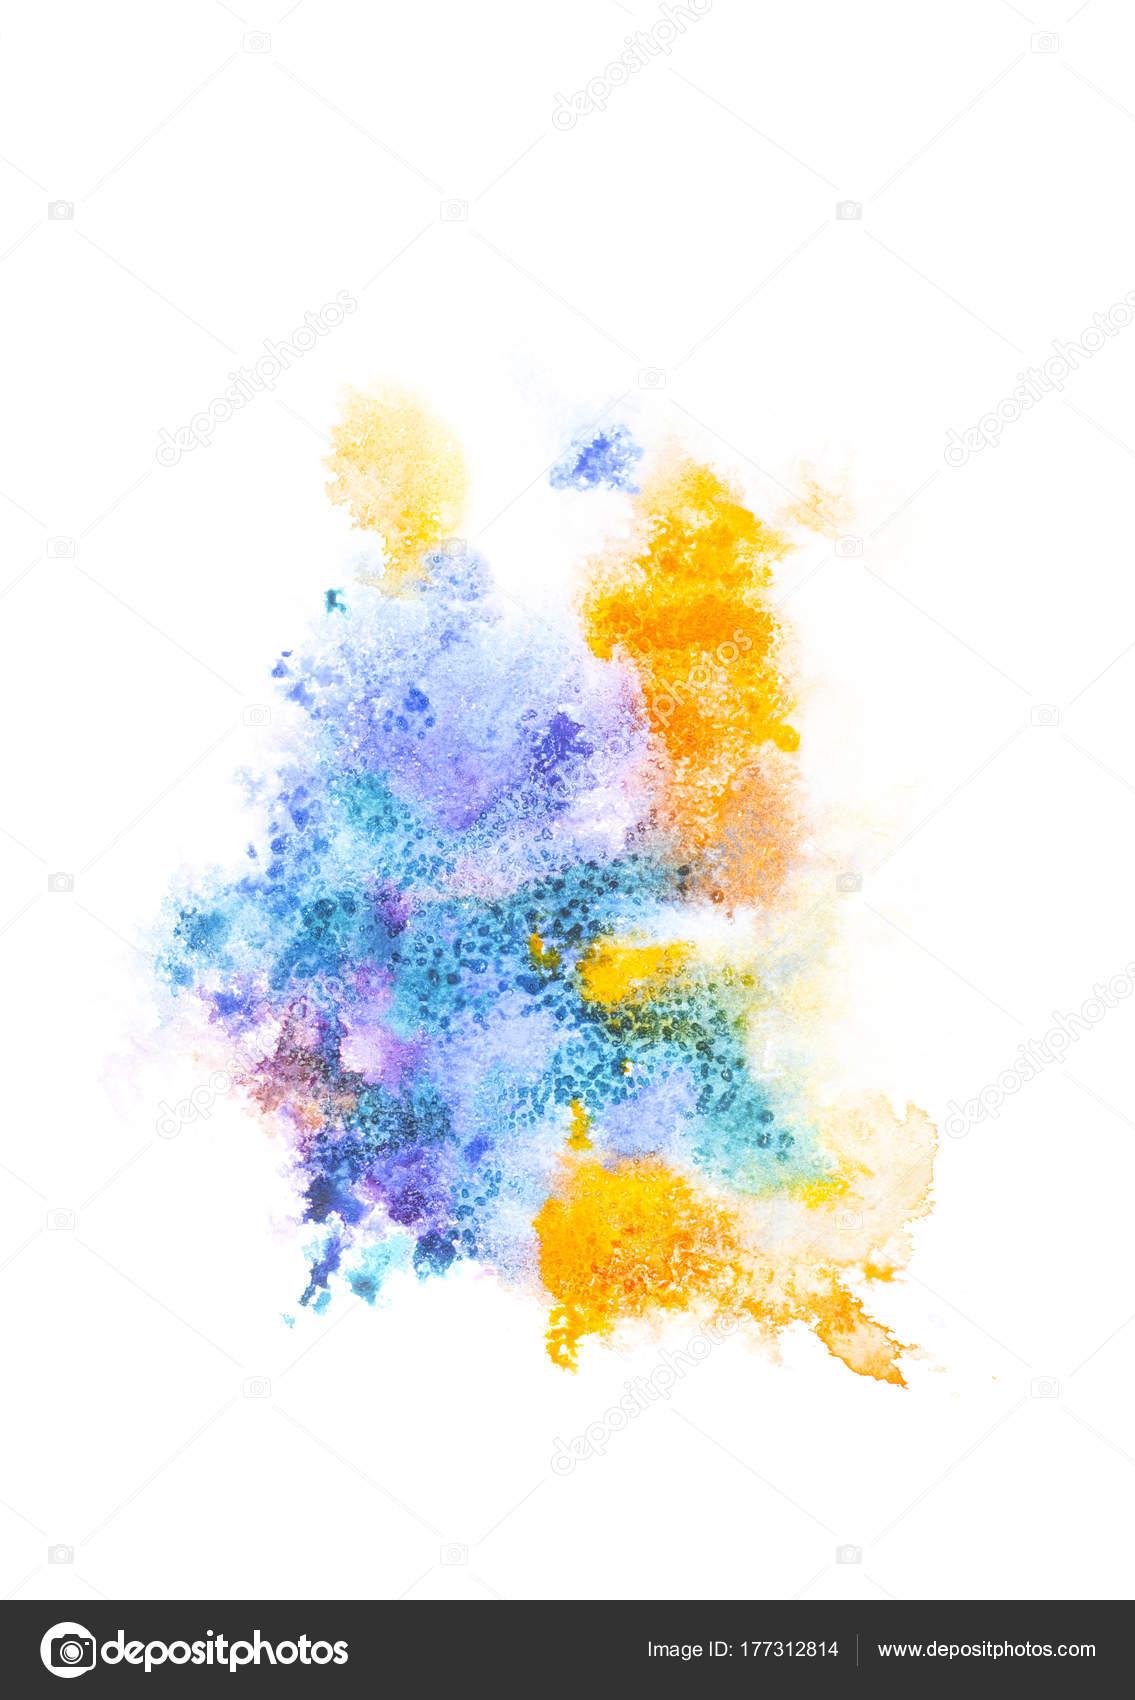 Peinture abstraite avec des taches peinture color e lumineuse sur blanc photographie - Peinture abstraite coloree ...